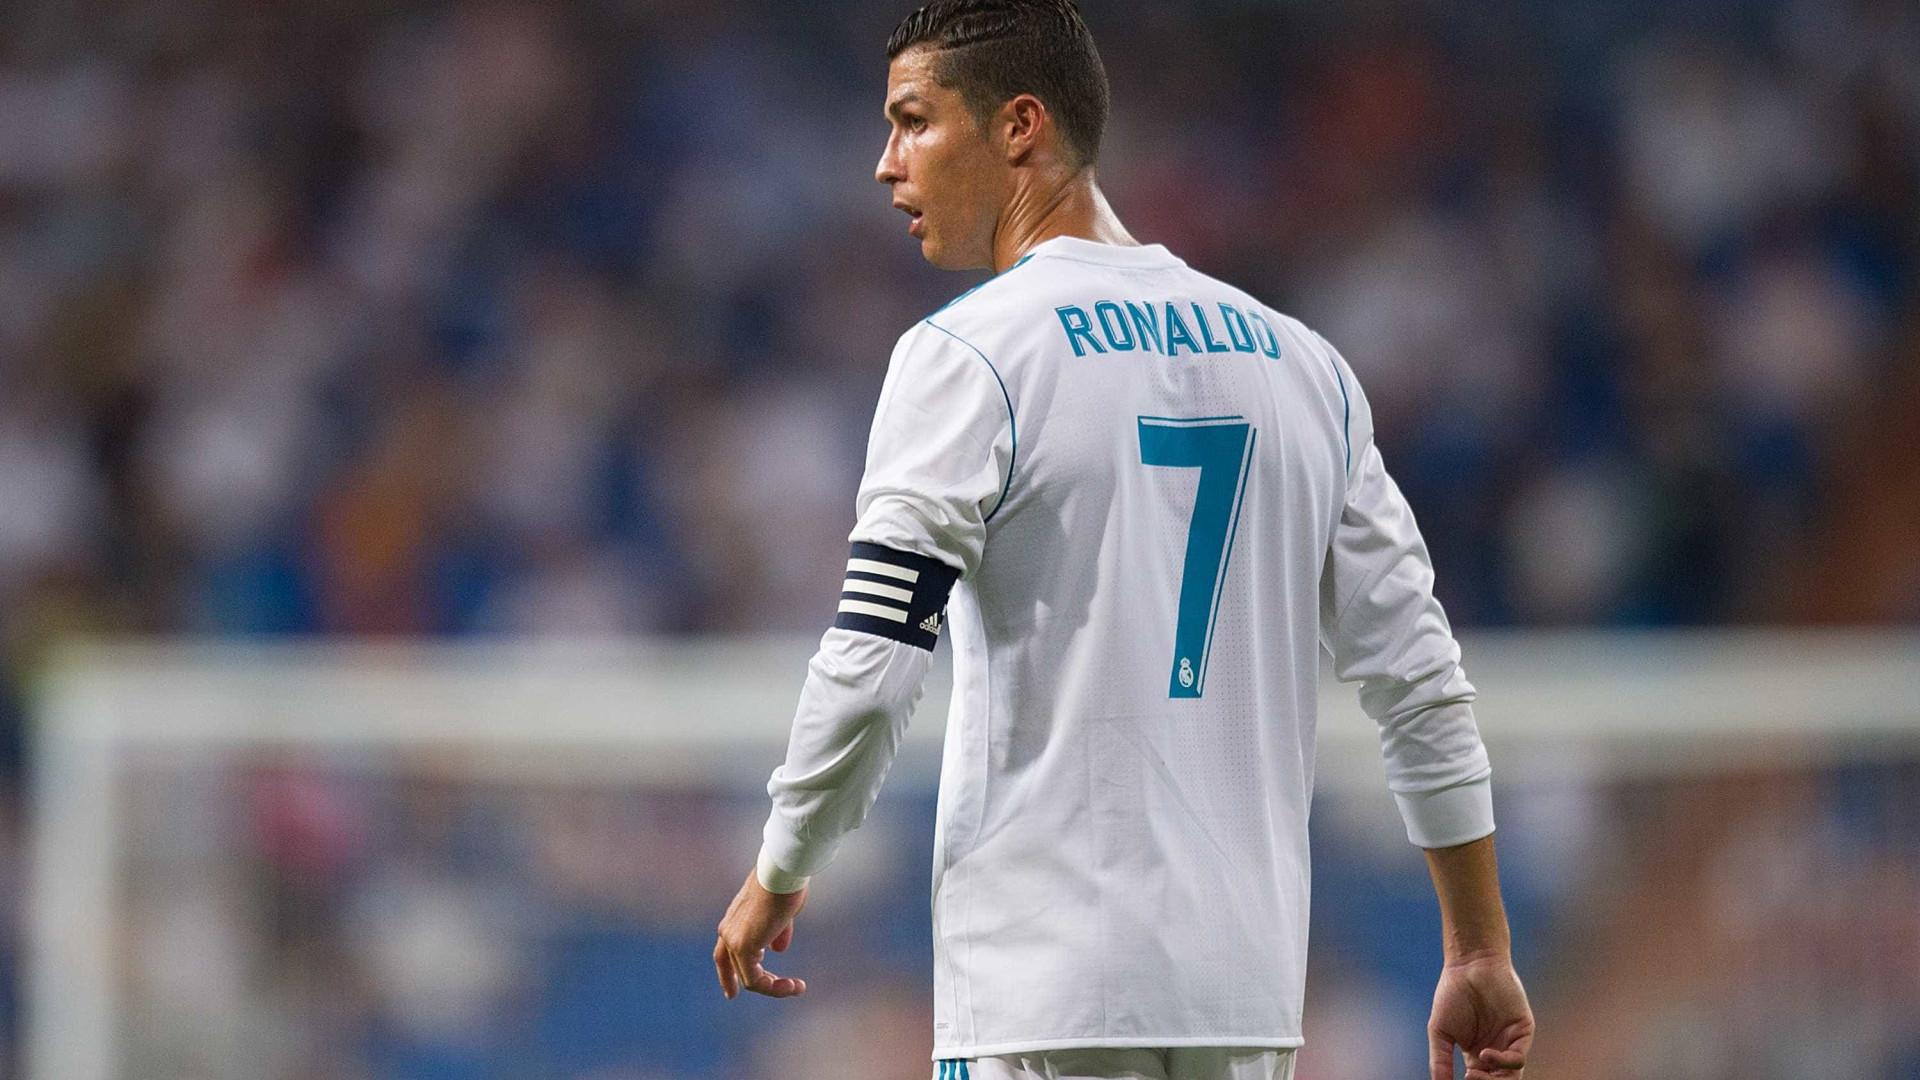 Bale recusou saída para o United mesmo com o Real Madrid aceitando proposta — Jornal